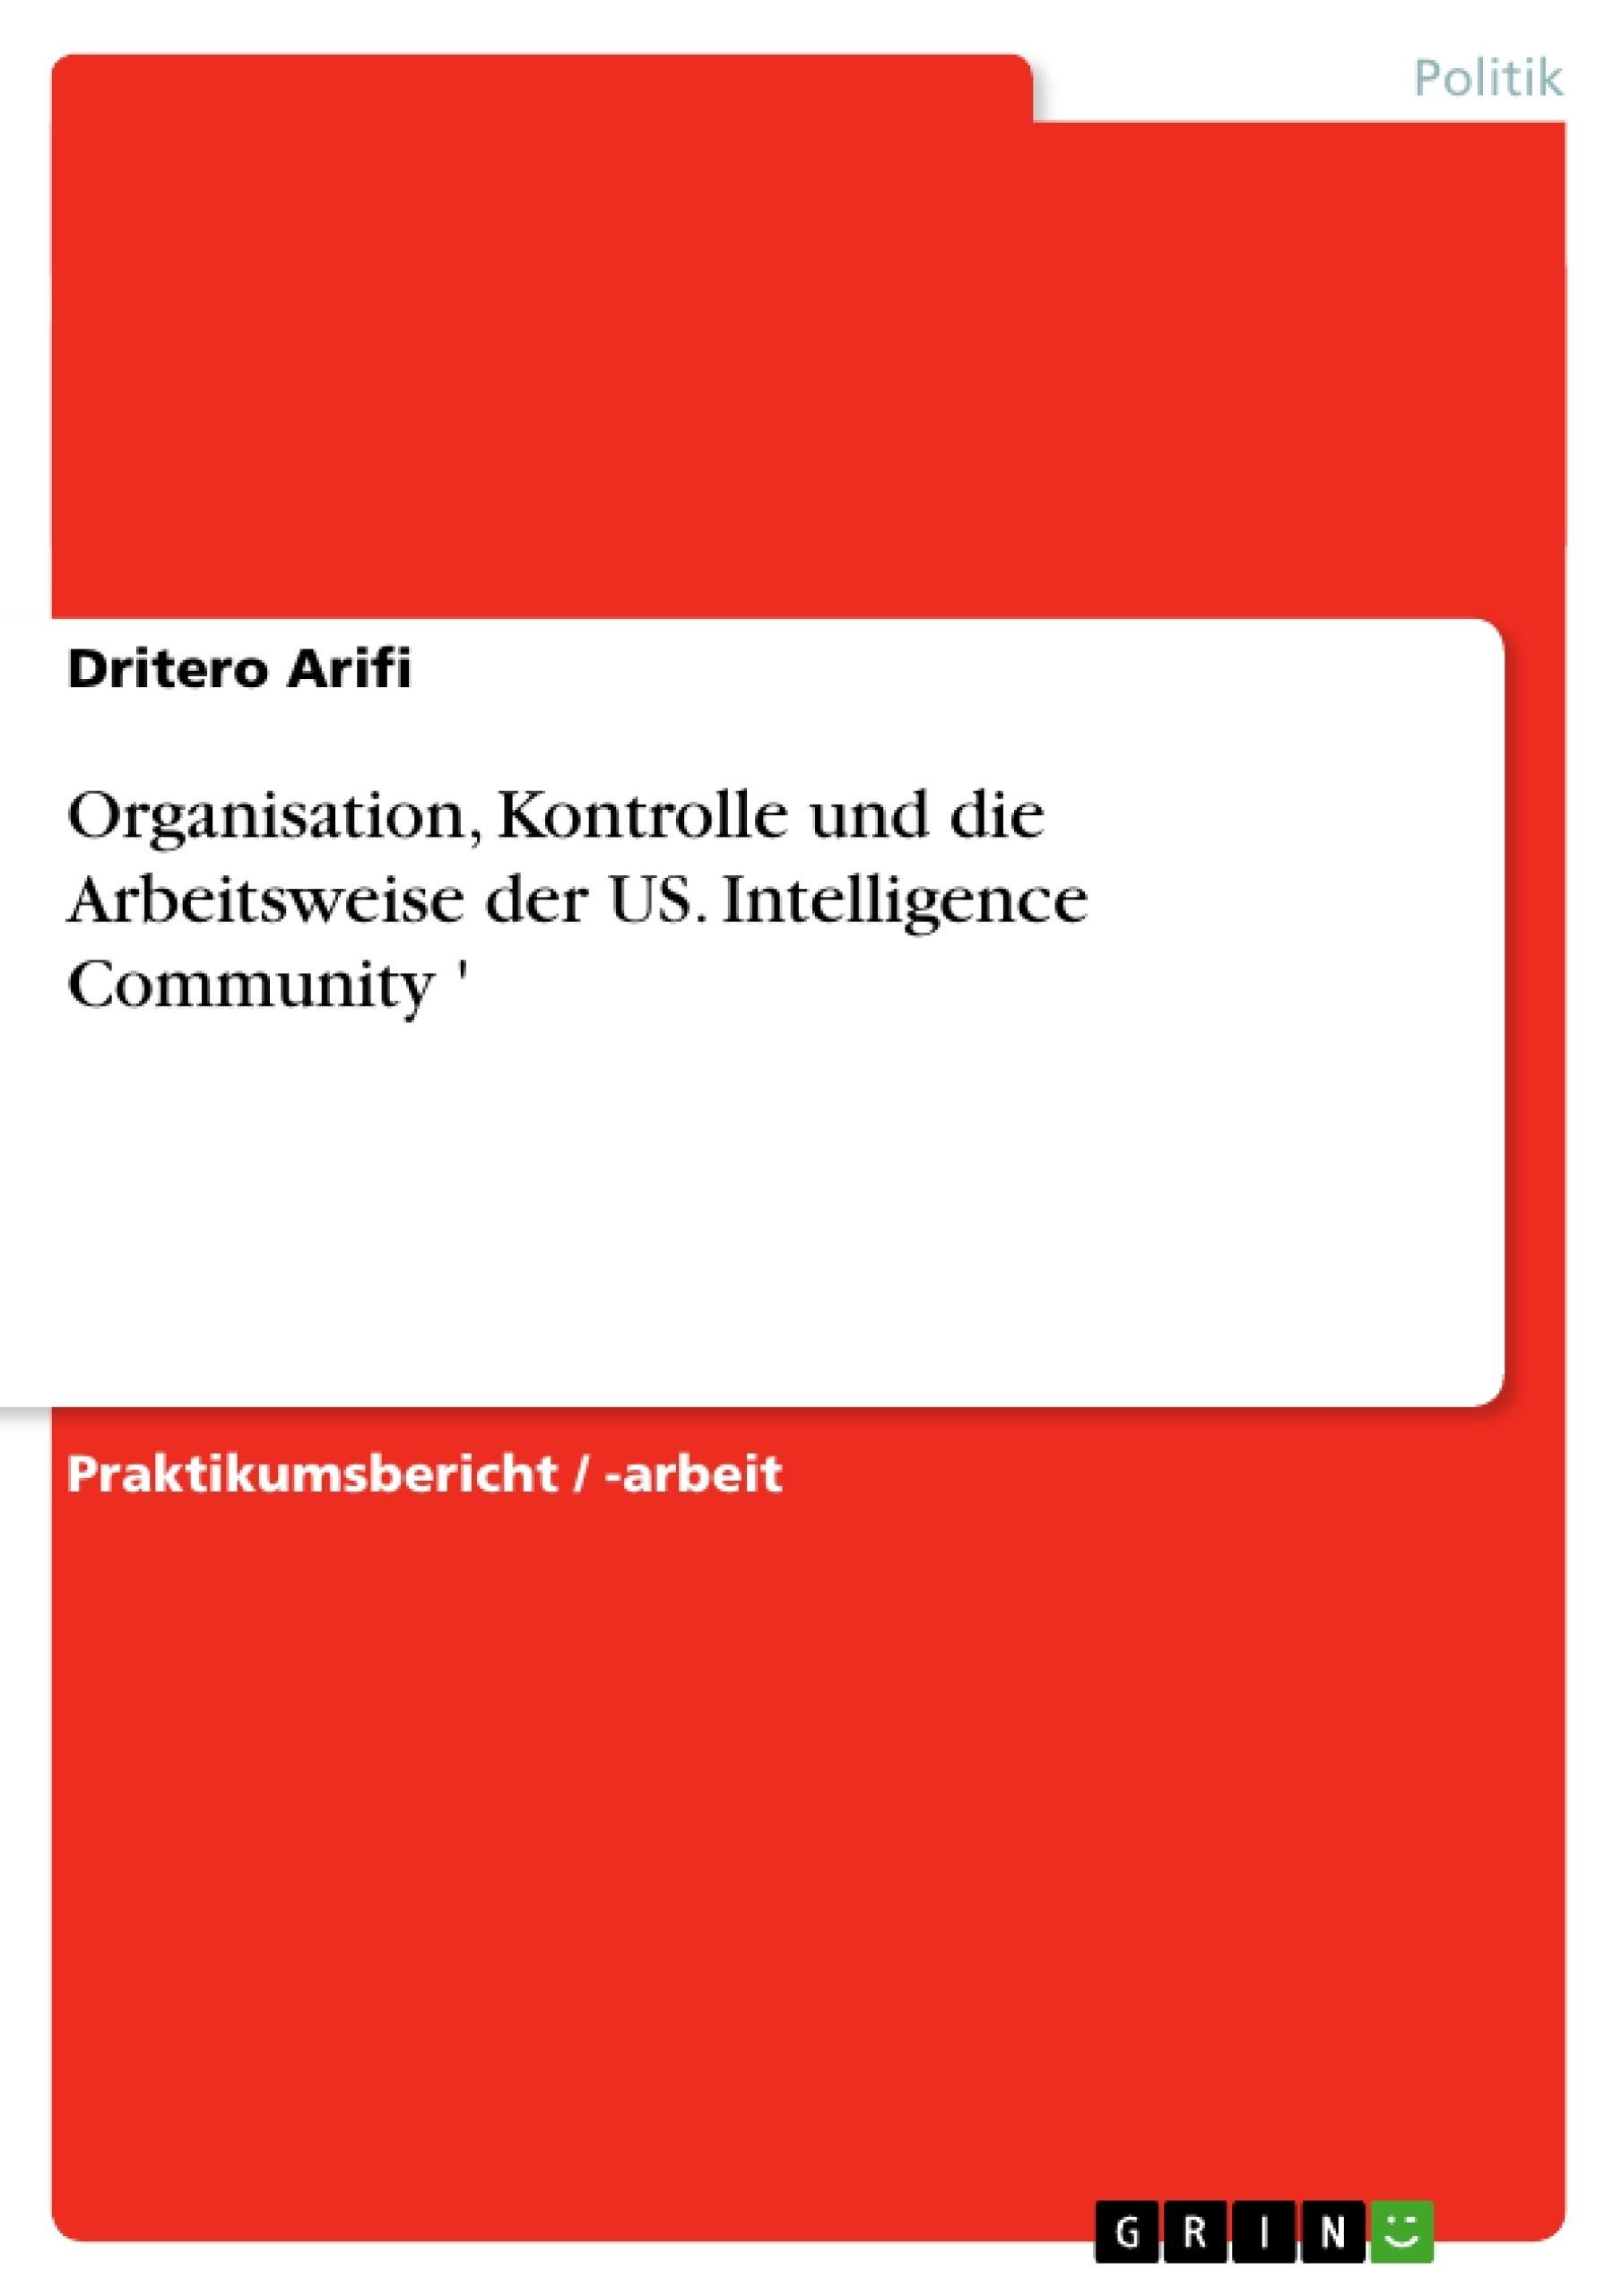 Titel: Organisation, Kontrolle und die Arbeitsweise der US. Intelligence Community '